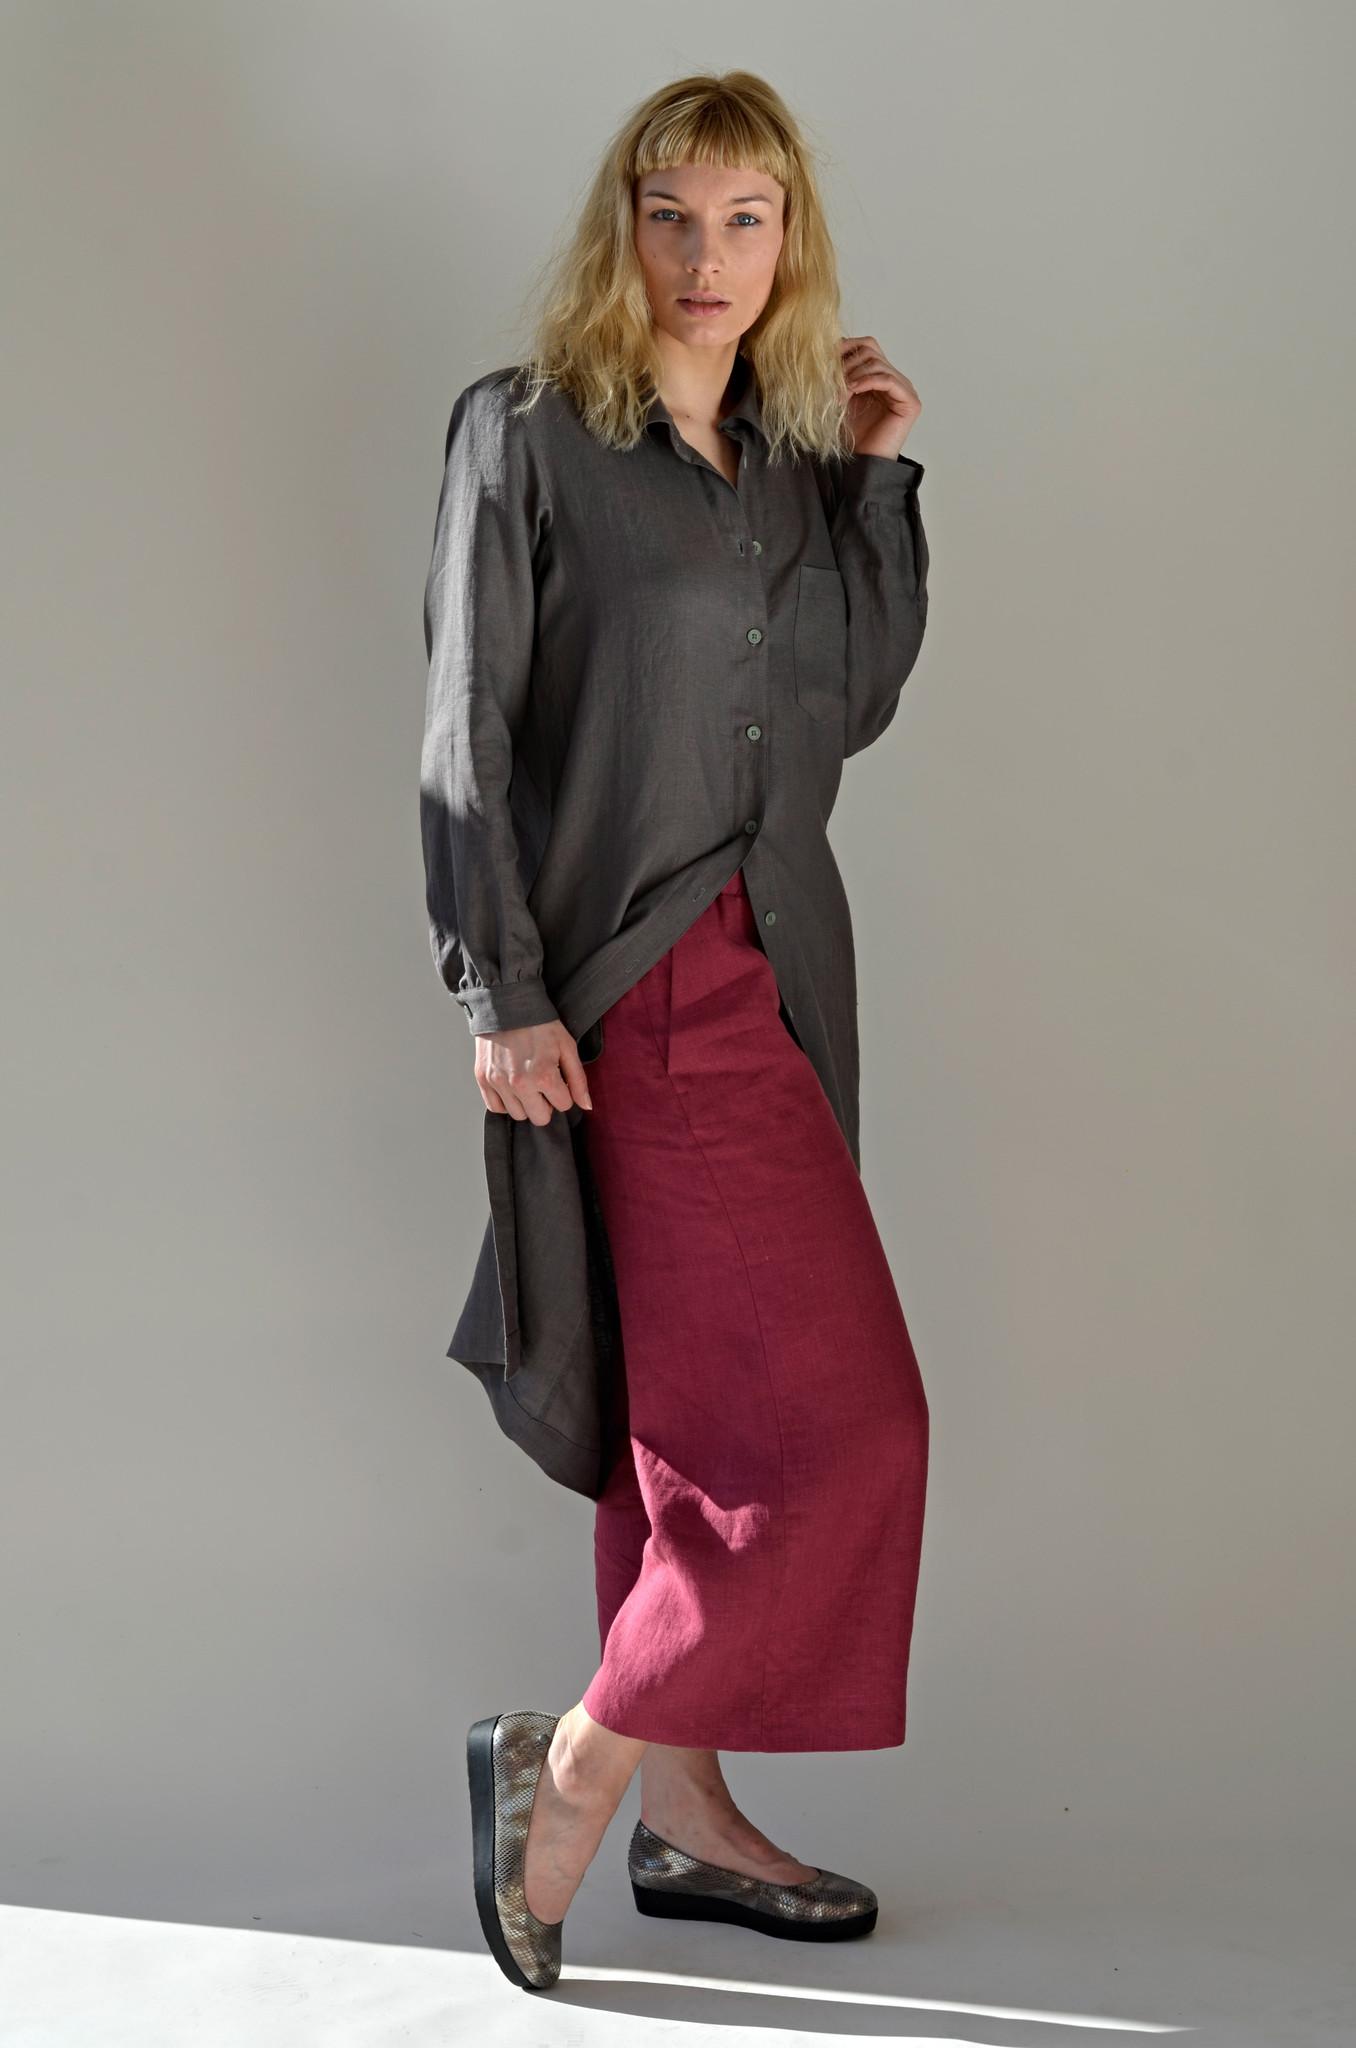 Sukienka lniana koszulowa z szarego, zmiękczanego lnu - Bäckerei Bytom | JestemSlow.pl